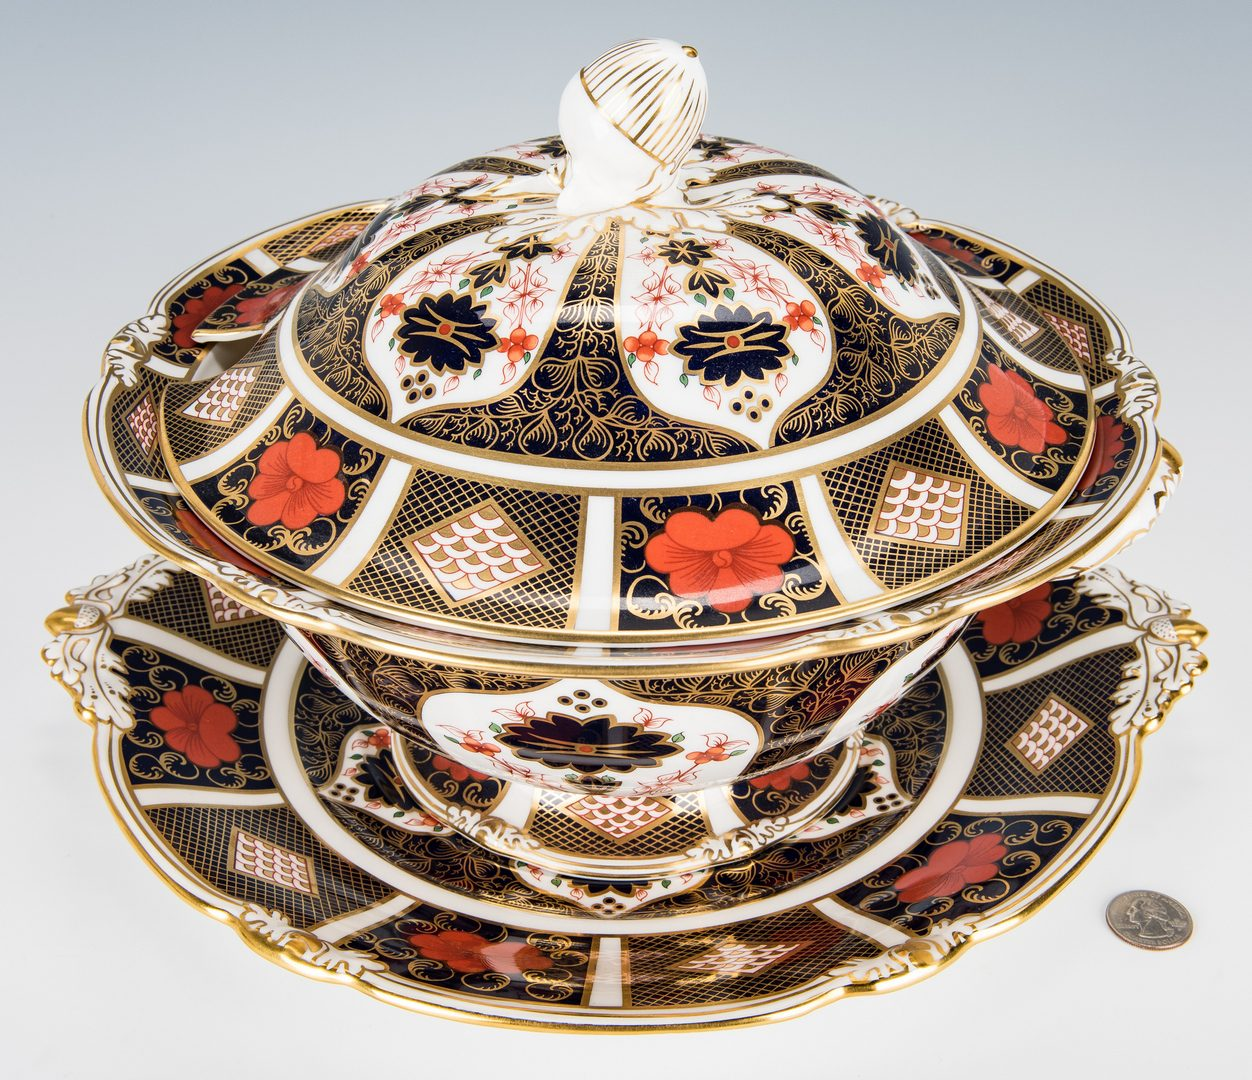 Lot 237: 13 Pcs. Royal Crown Derby Porcelain, incl. Tureen